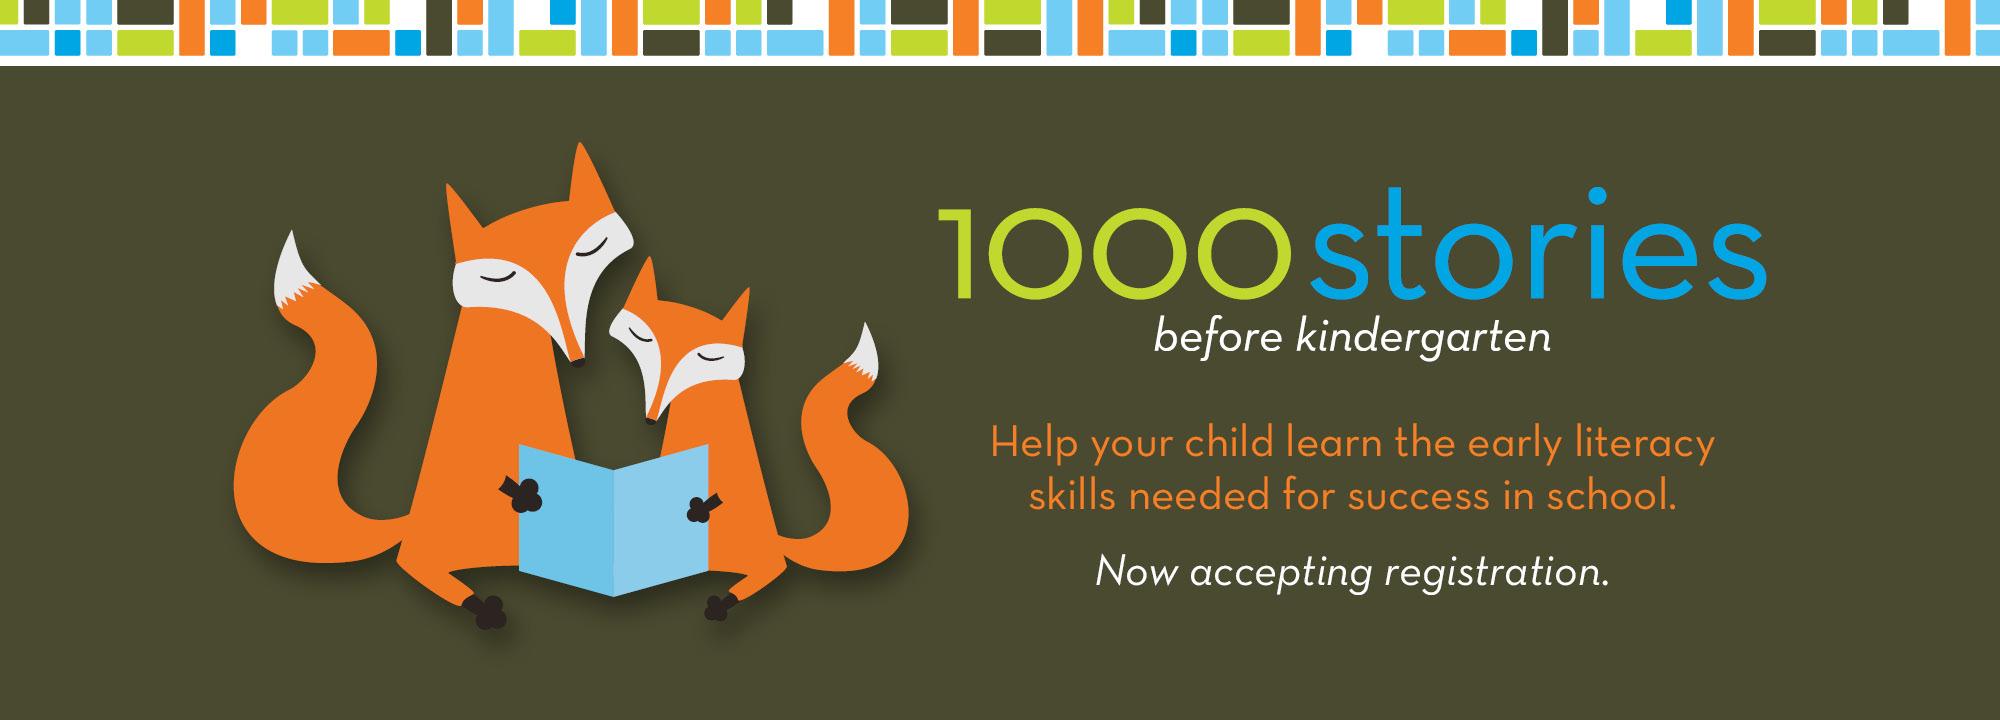 1000 Stories Before Kindergarten